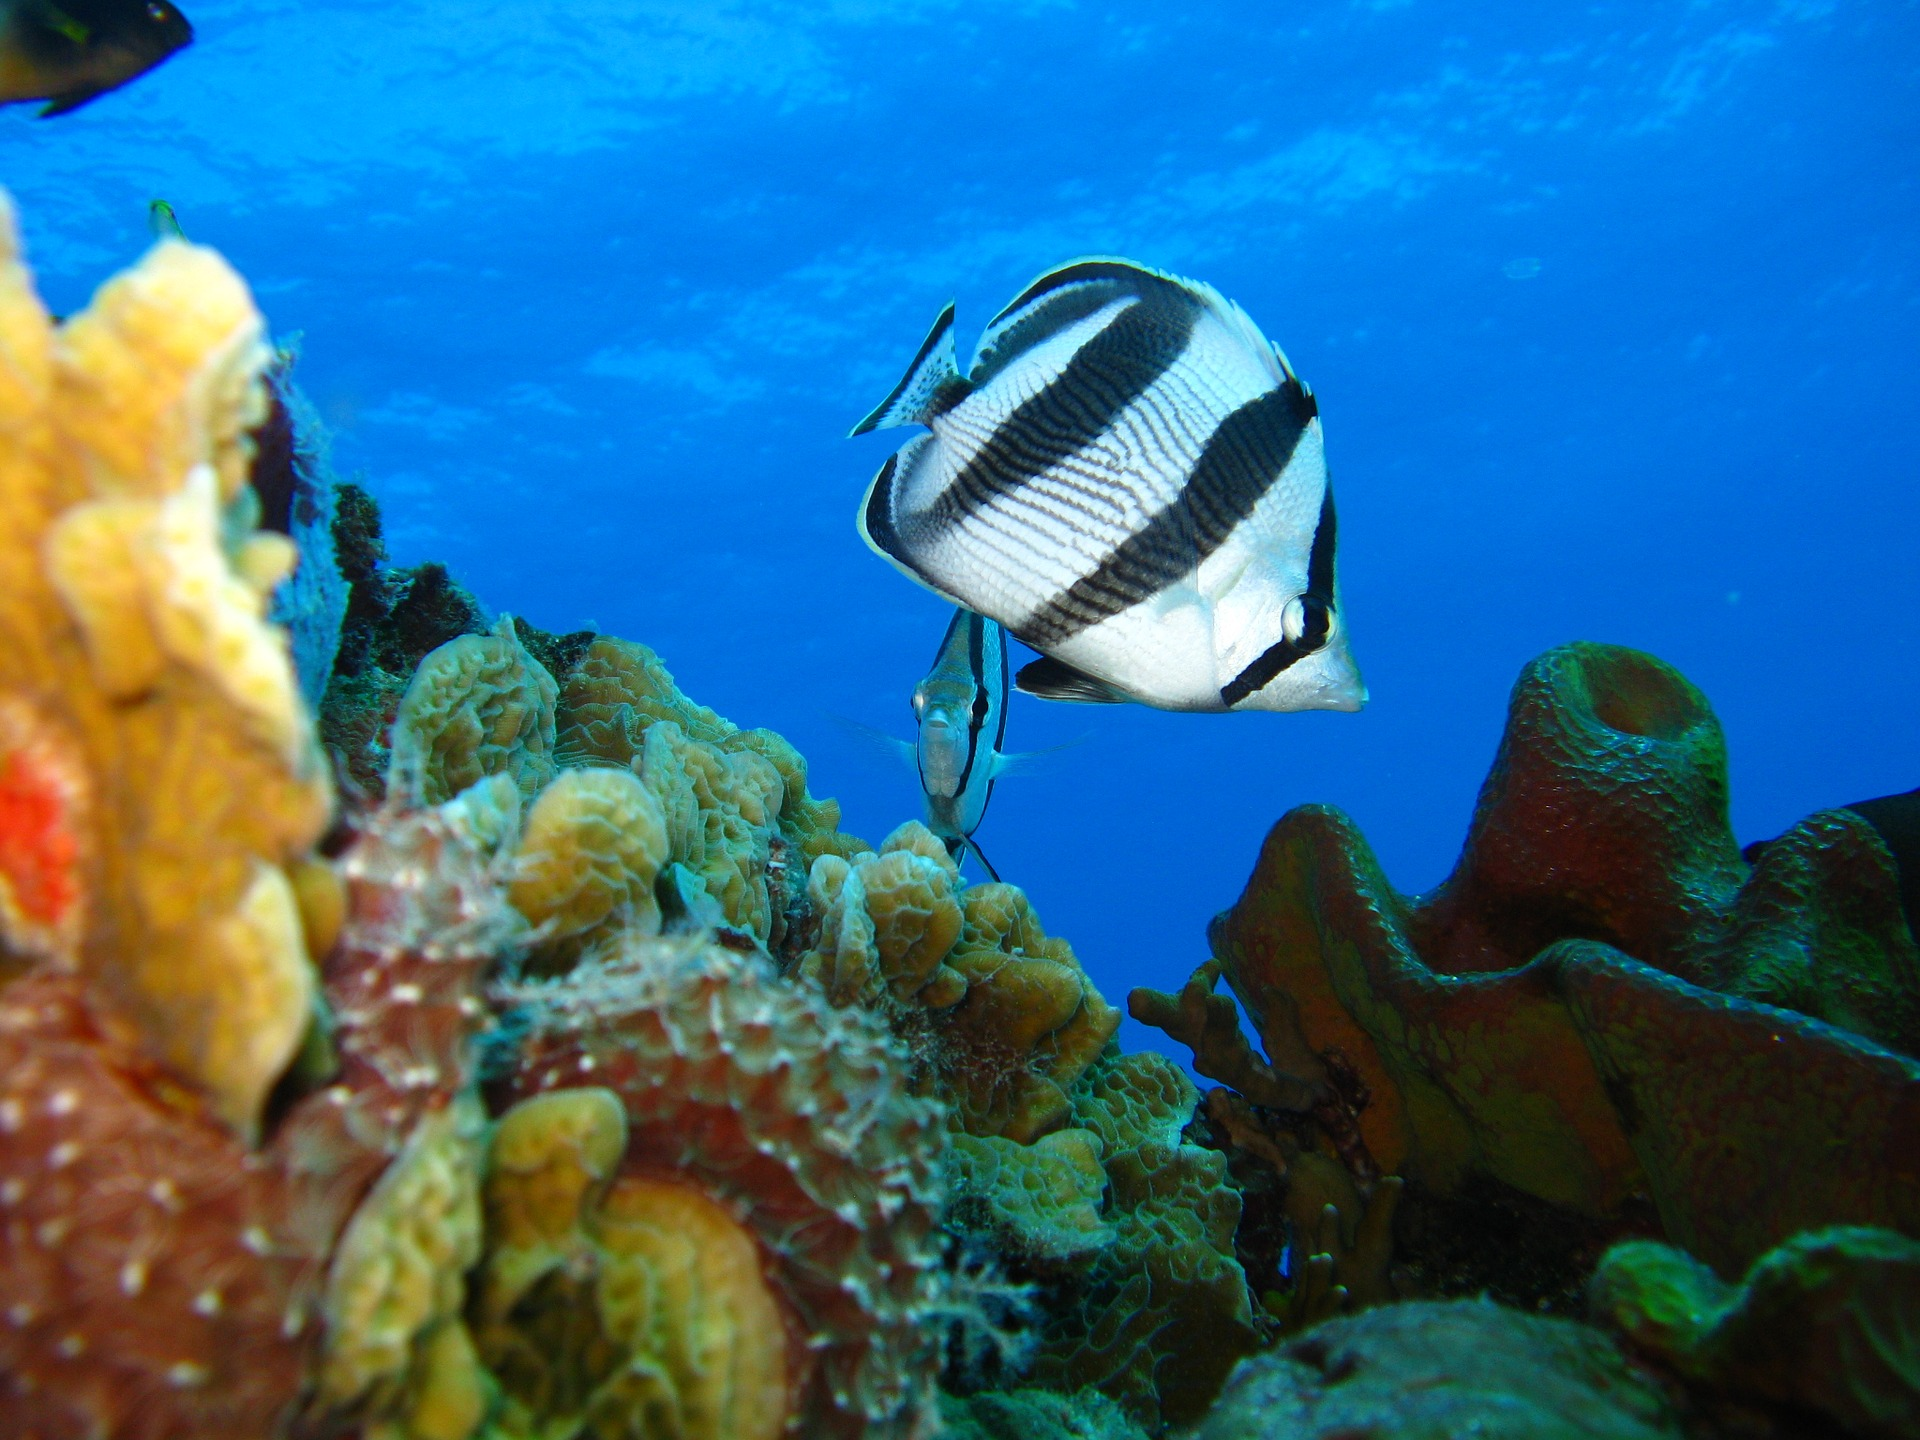 życie w słonej wodzie